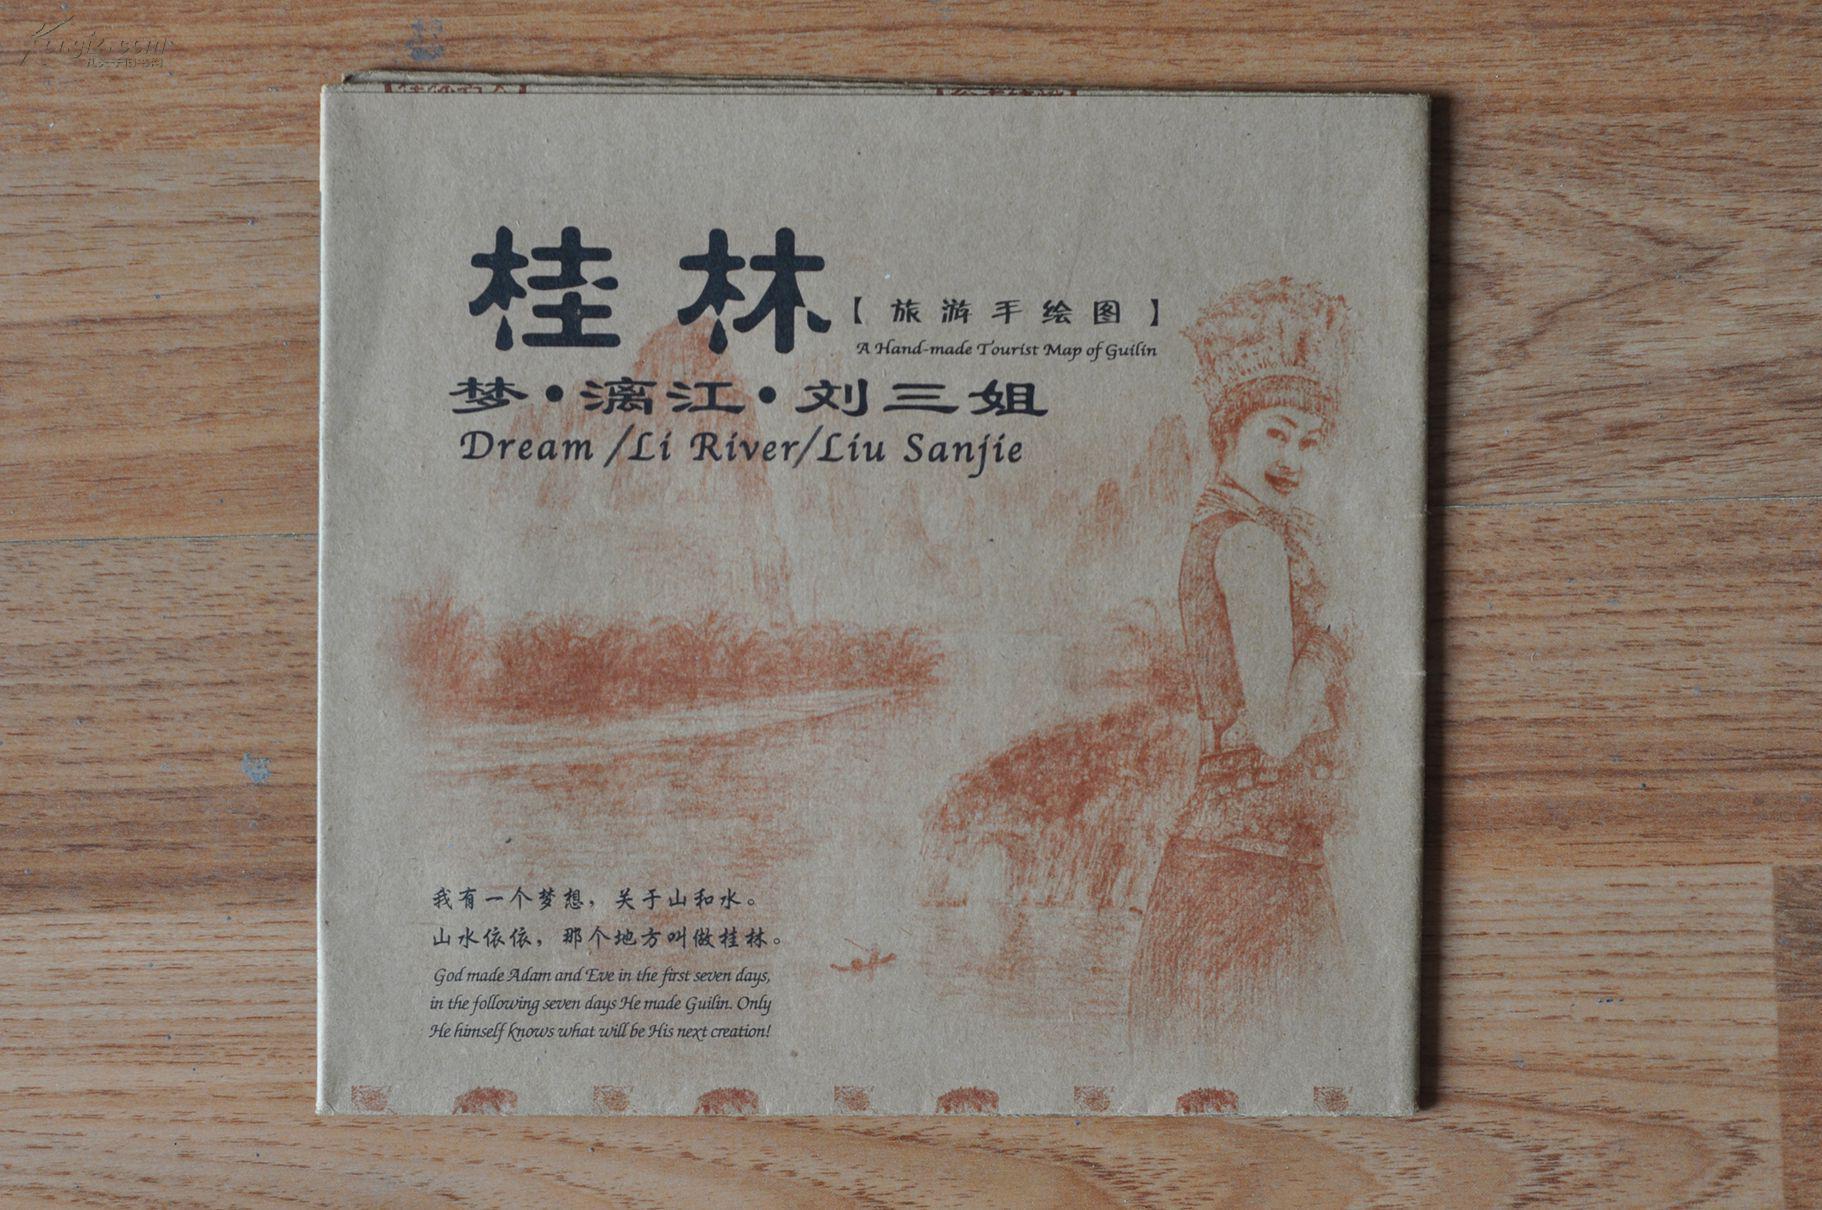 【图】桂林旅游手绘图